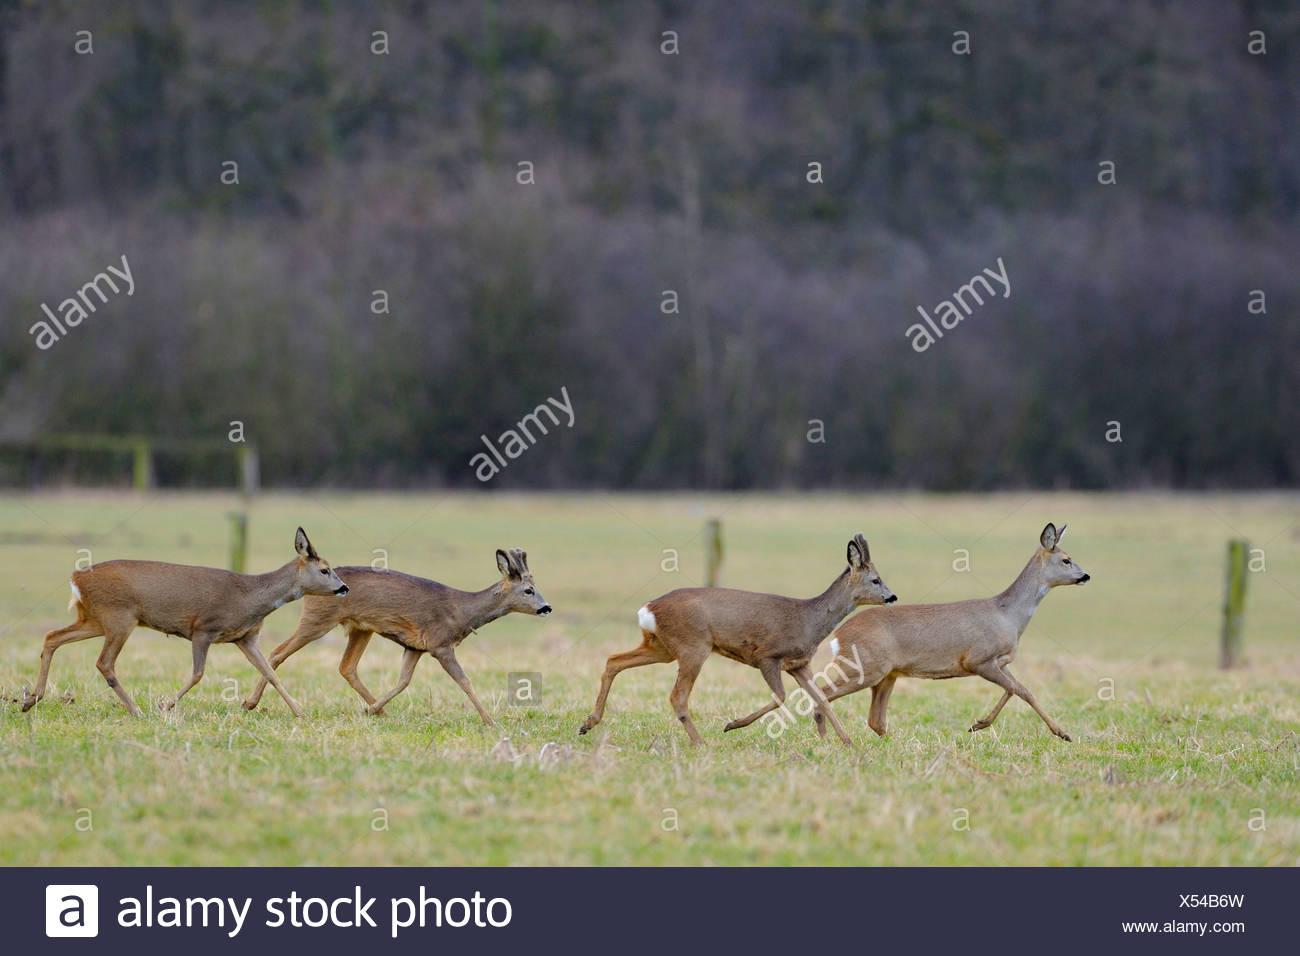 Il capriolo (Capreolus capreolus), pack attraversare un prato, Germania Immagini Stock